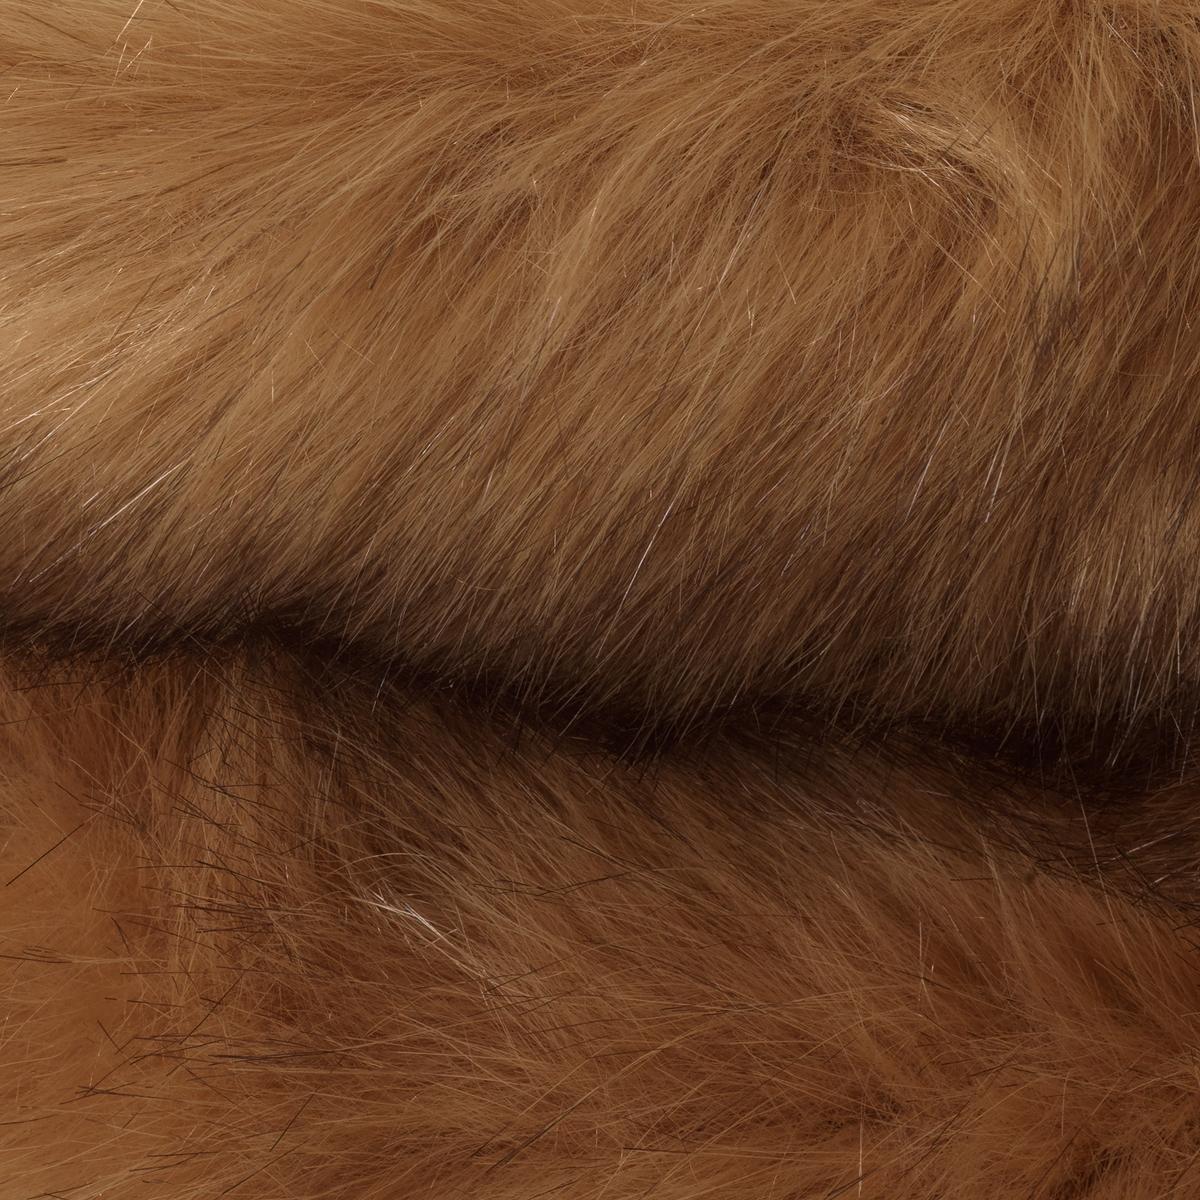 Шарф снуд из искусственного мехаШарф снуд из искусственного меха, R Studio.Очень женственный шарф для изящного и теплого зимнего наряда!  Состав и описаниеМатериал: 70% акрила, 30% полиэстераМарка: R StudioРазмеры: 40 x 20 см<br><br>Цвет: серо-бежевый<br>Размер: единый размер